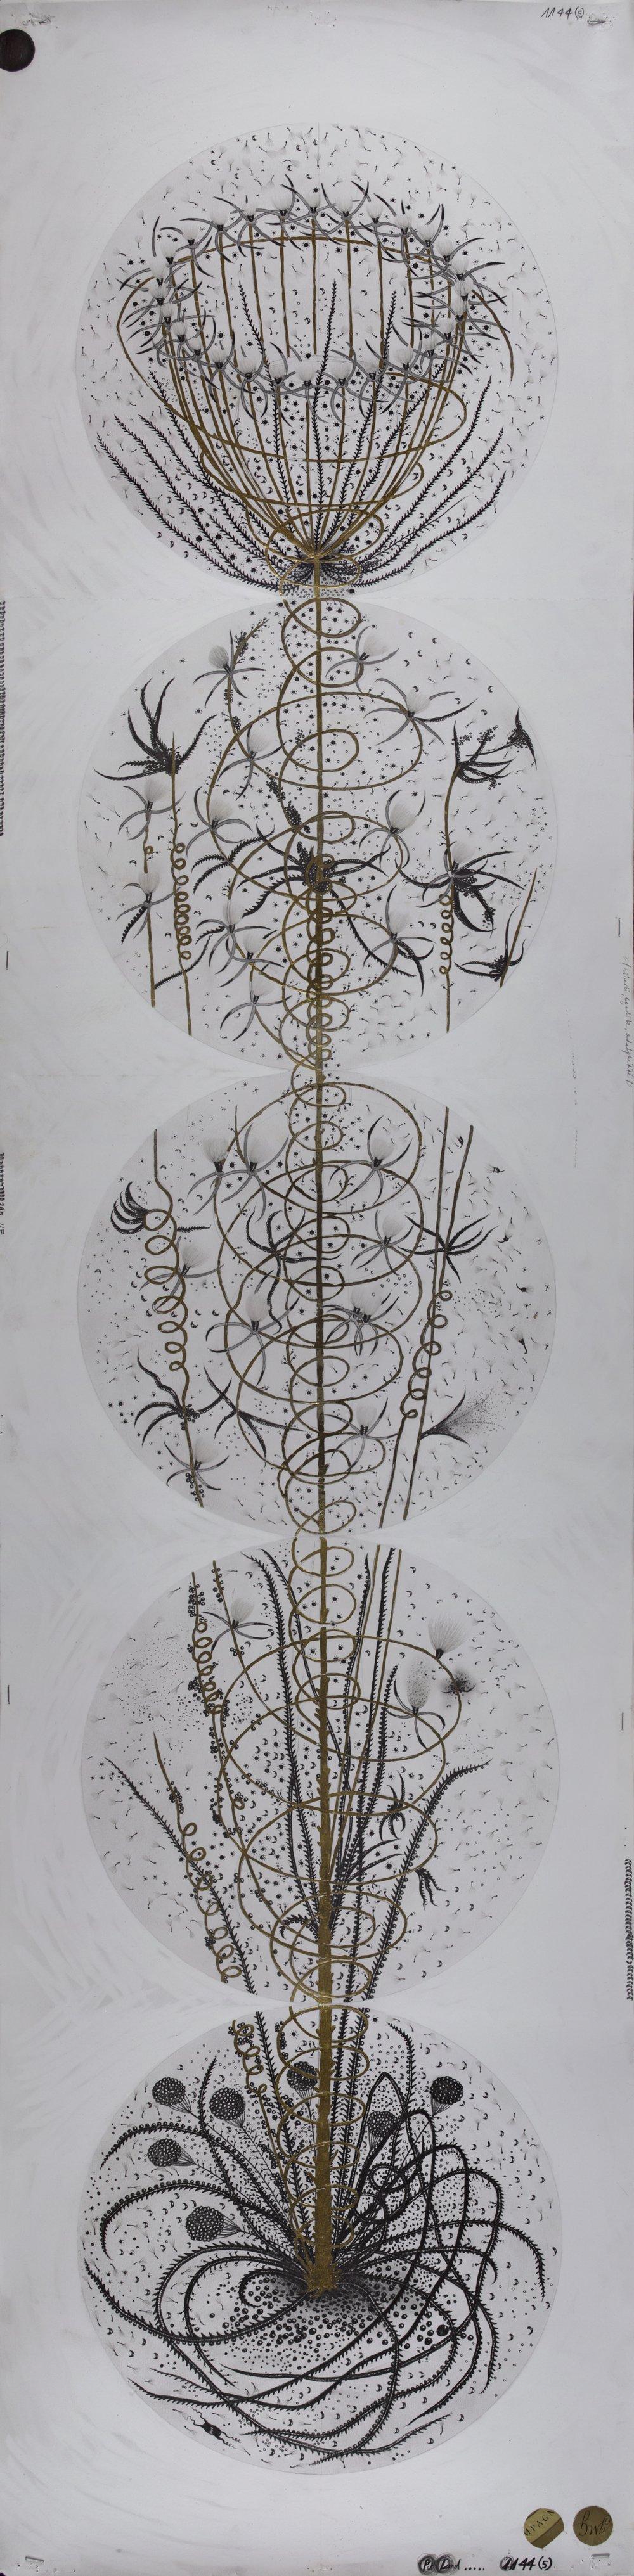 """© Hipkiss, """"1144- Instar 5"""", 165x40 cm, mine de plomb, encre argentée et feuille d'or blanc sur papier Fabriano 4, 2018, Courtesy Galerie C"""